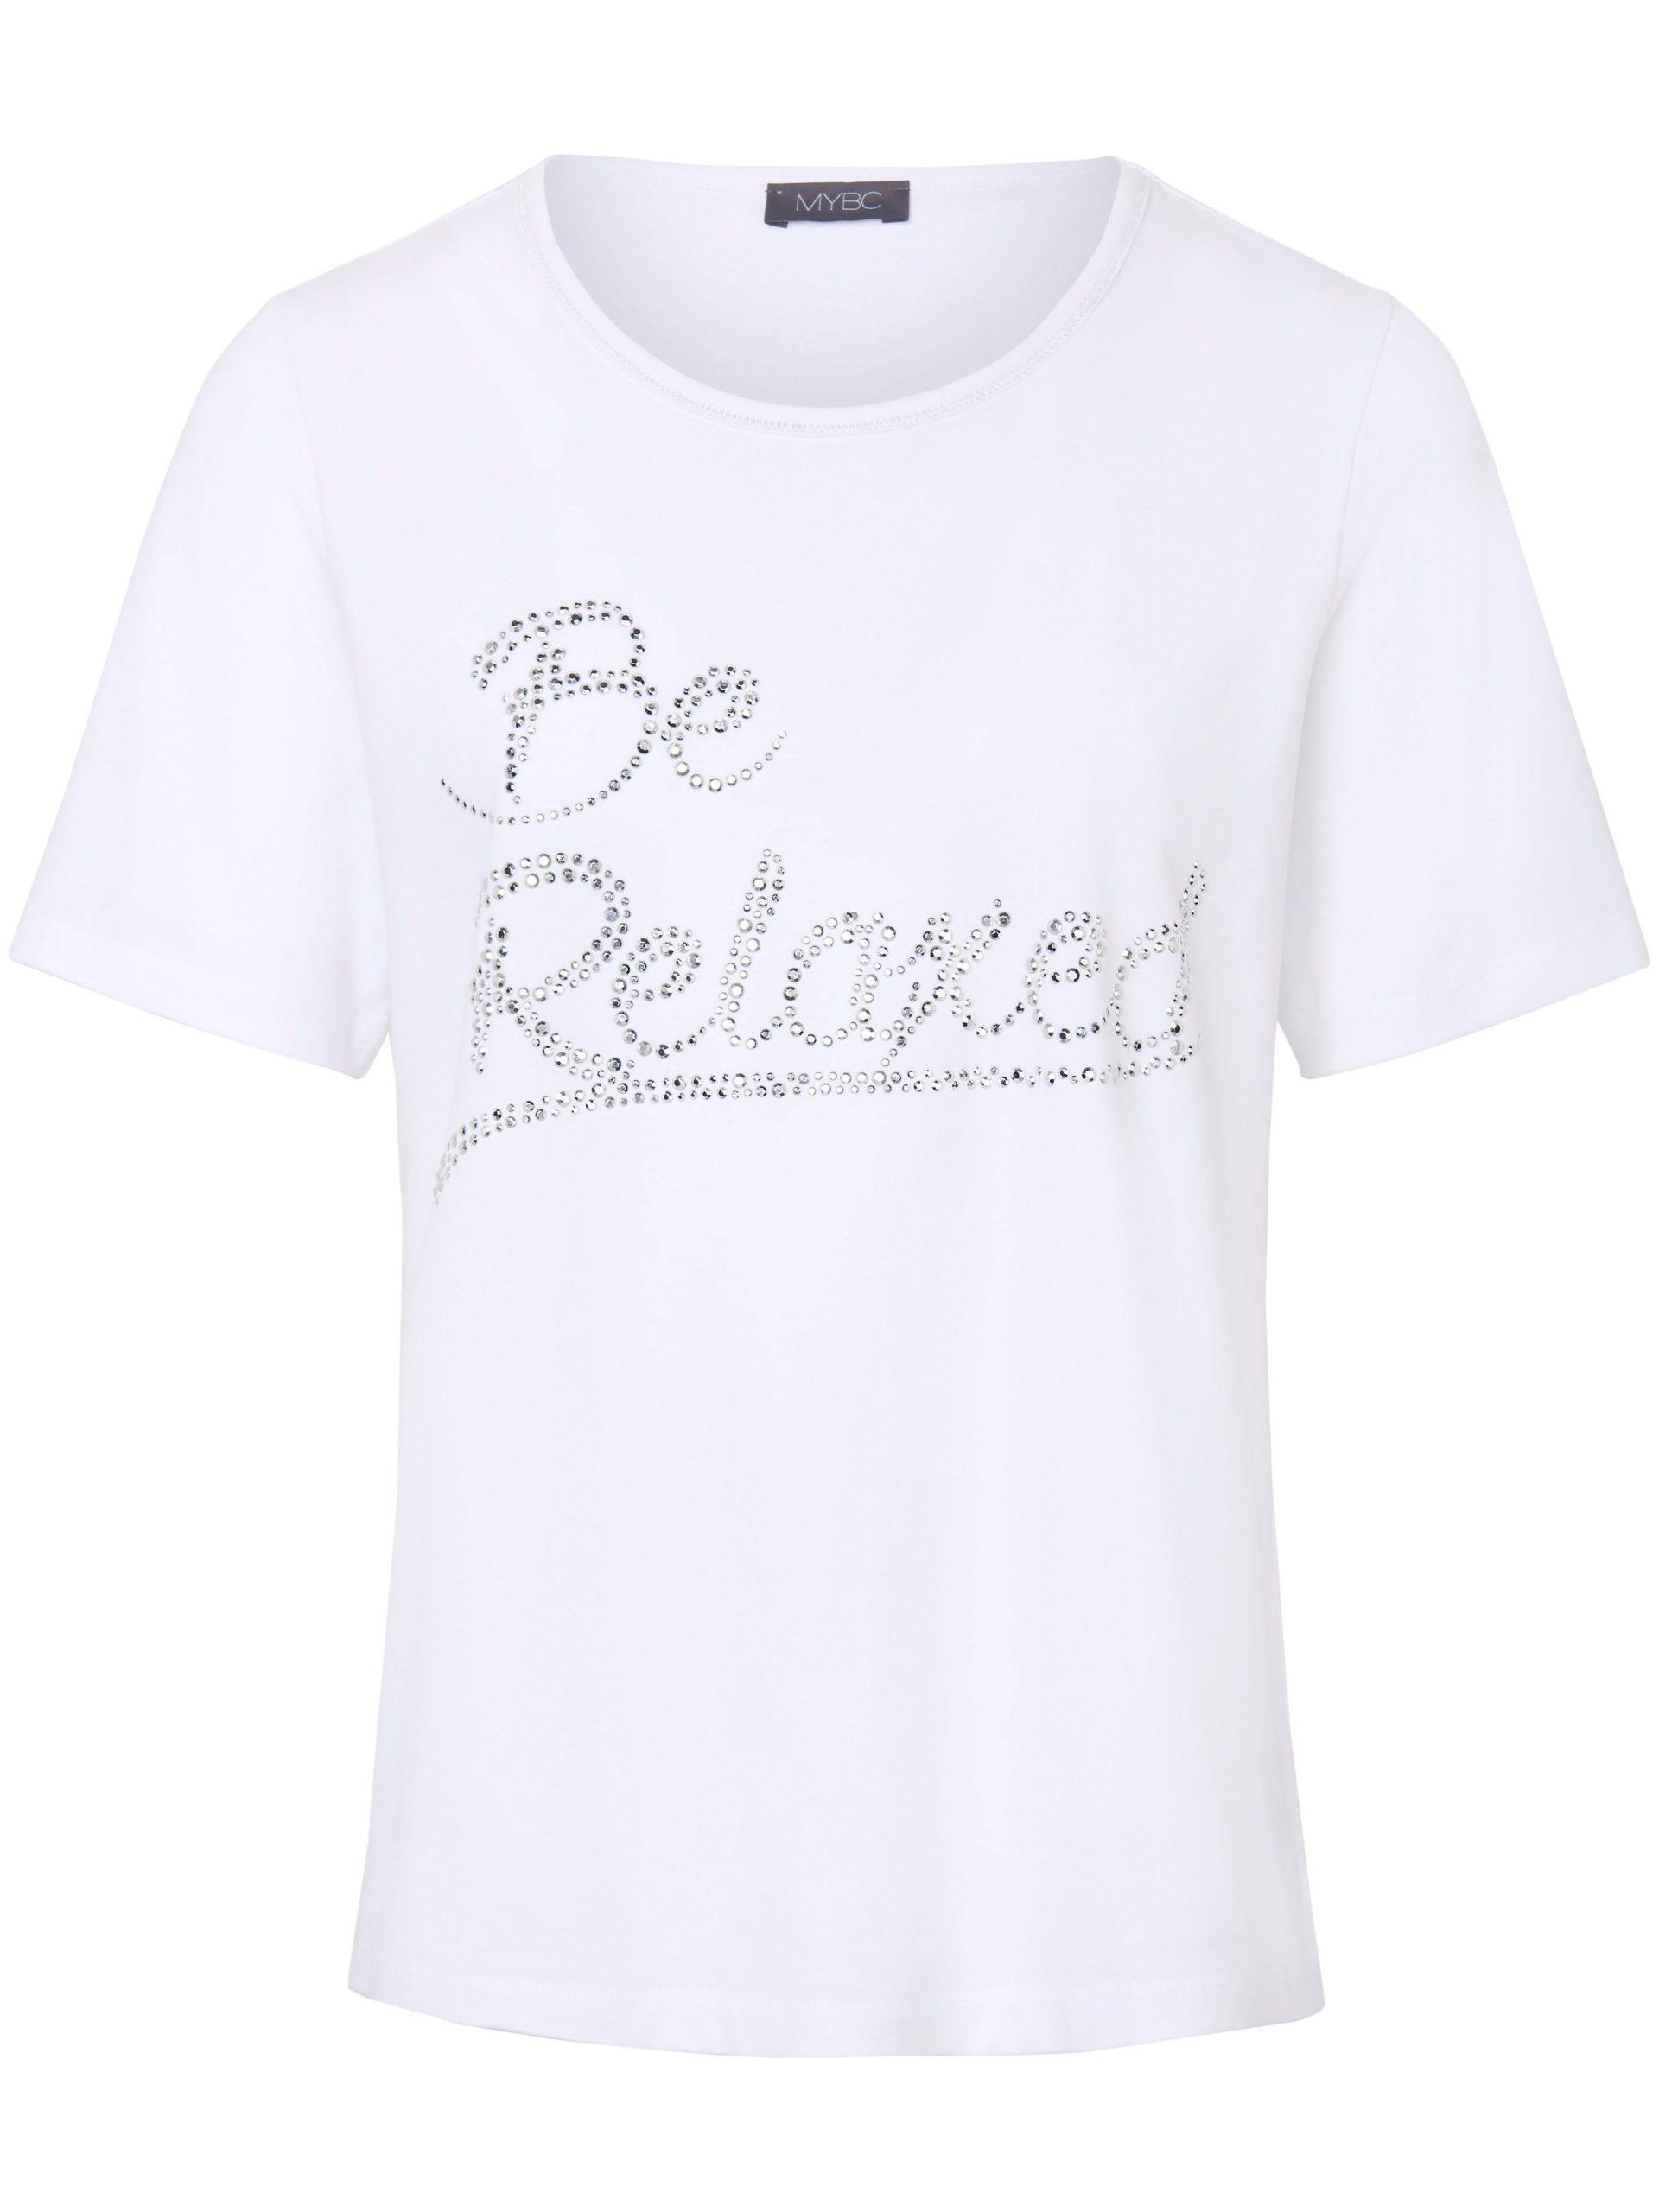 Shirt met ronde hals en korte mouwen Van MYBC wit Kopen